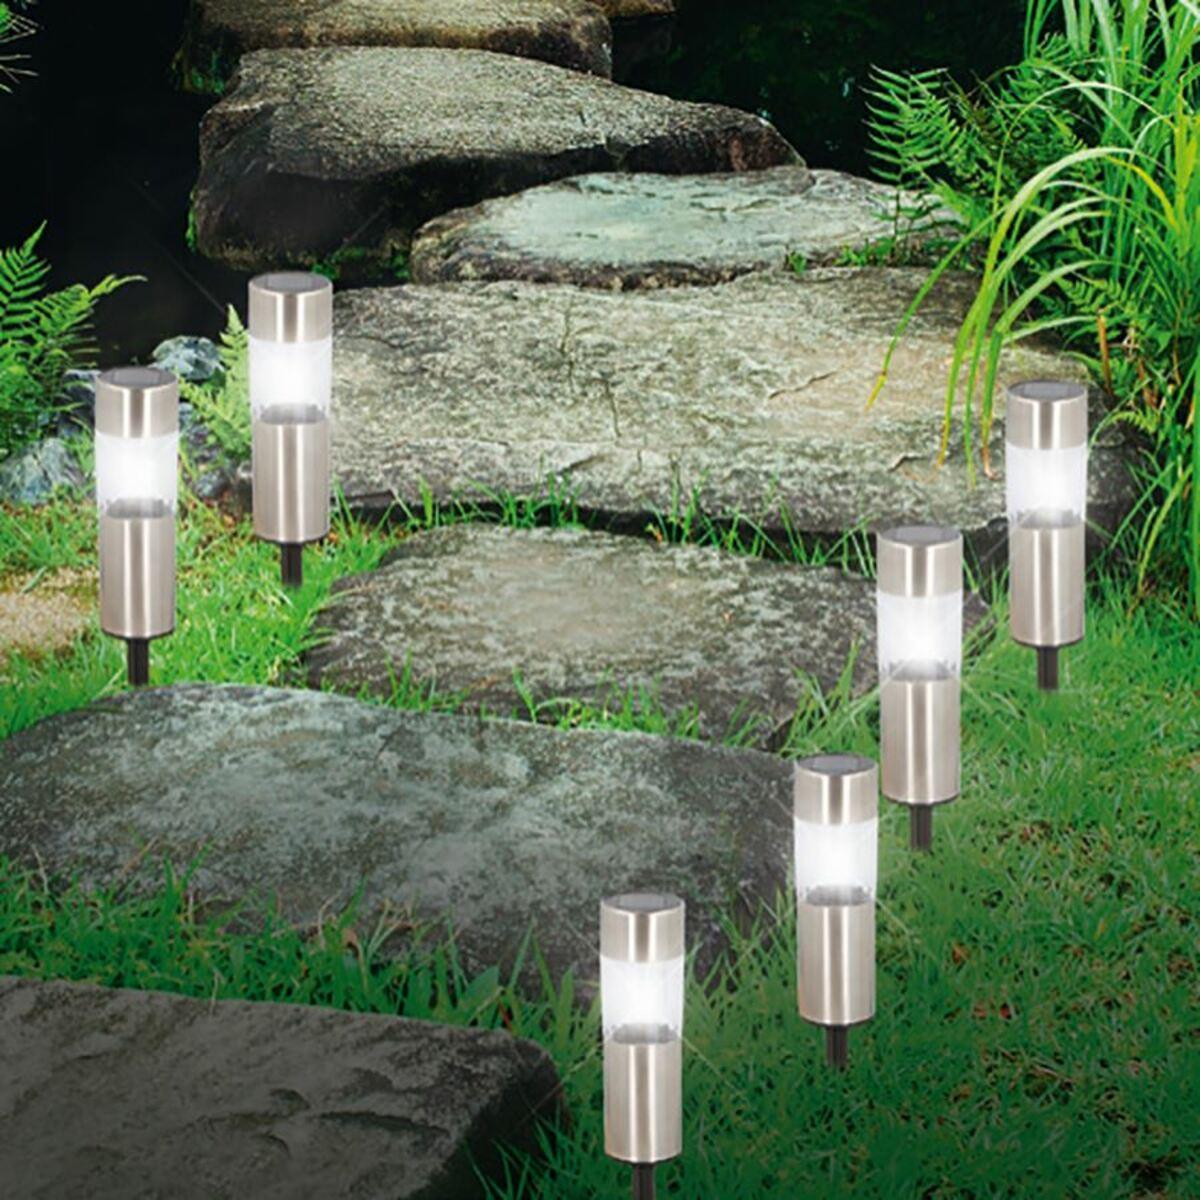 Bild 3 von Grundig LED-Solar-Gartenleuchten 6er-Set